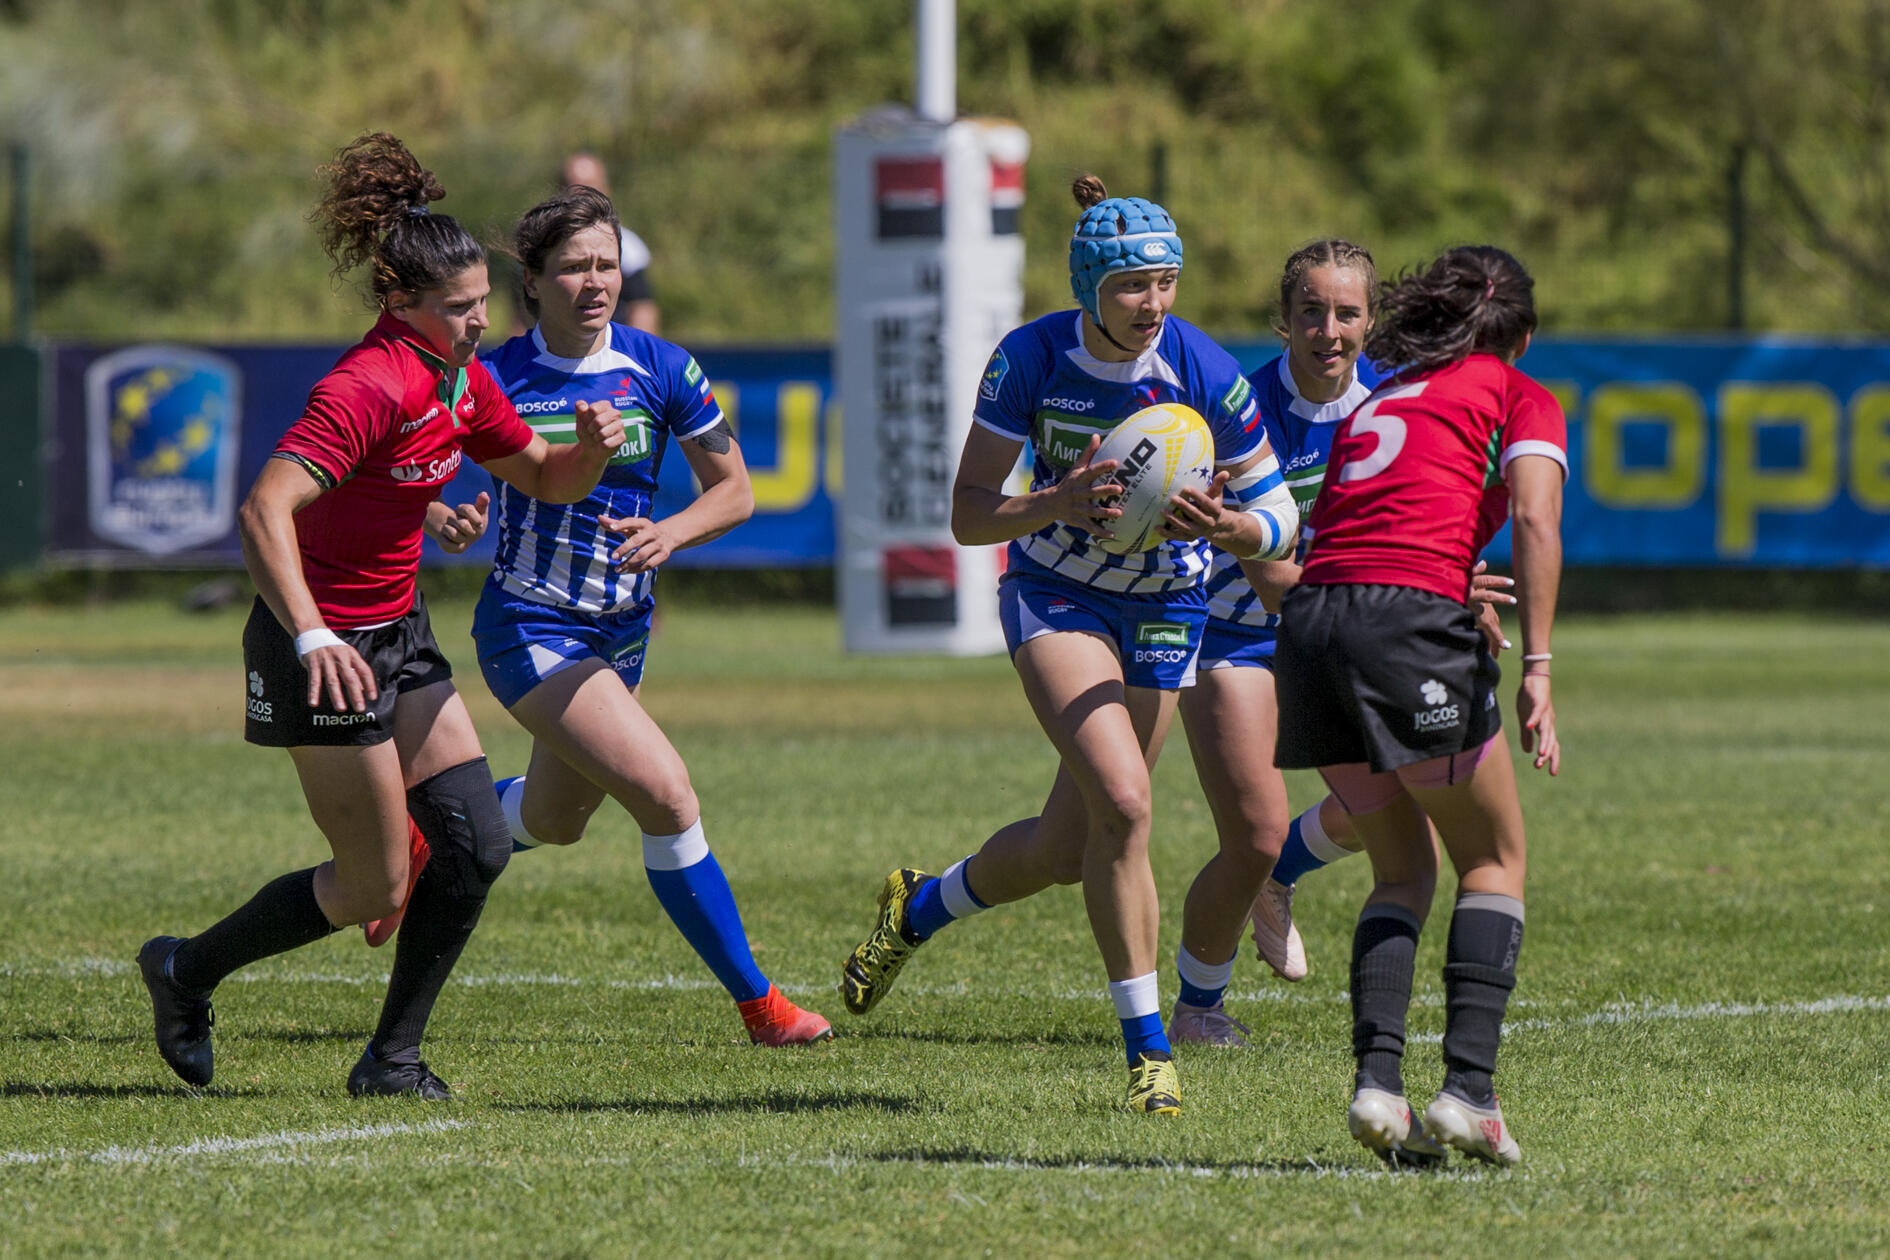 fédération russe de rugby à sept - russie - femmes